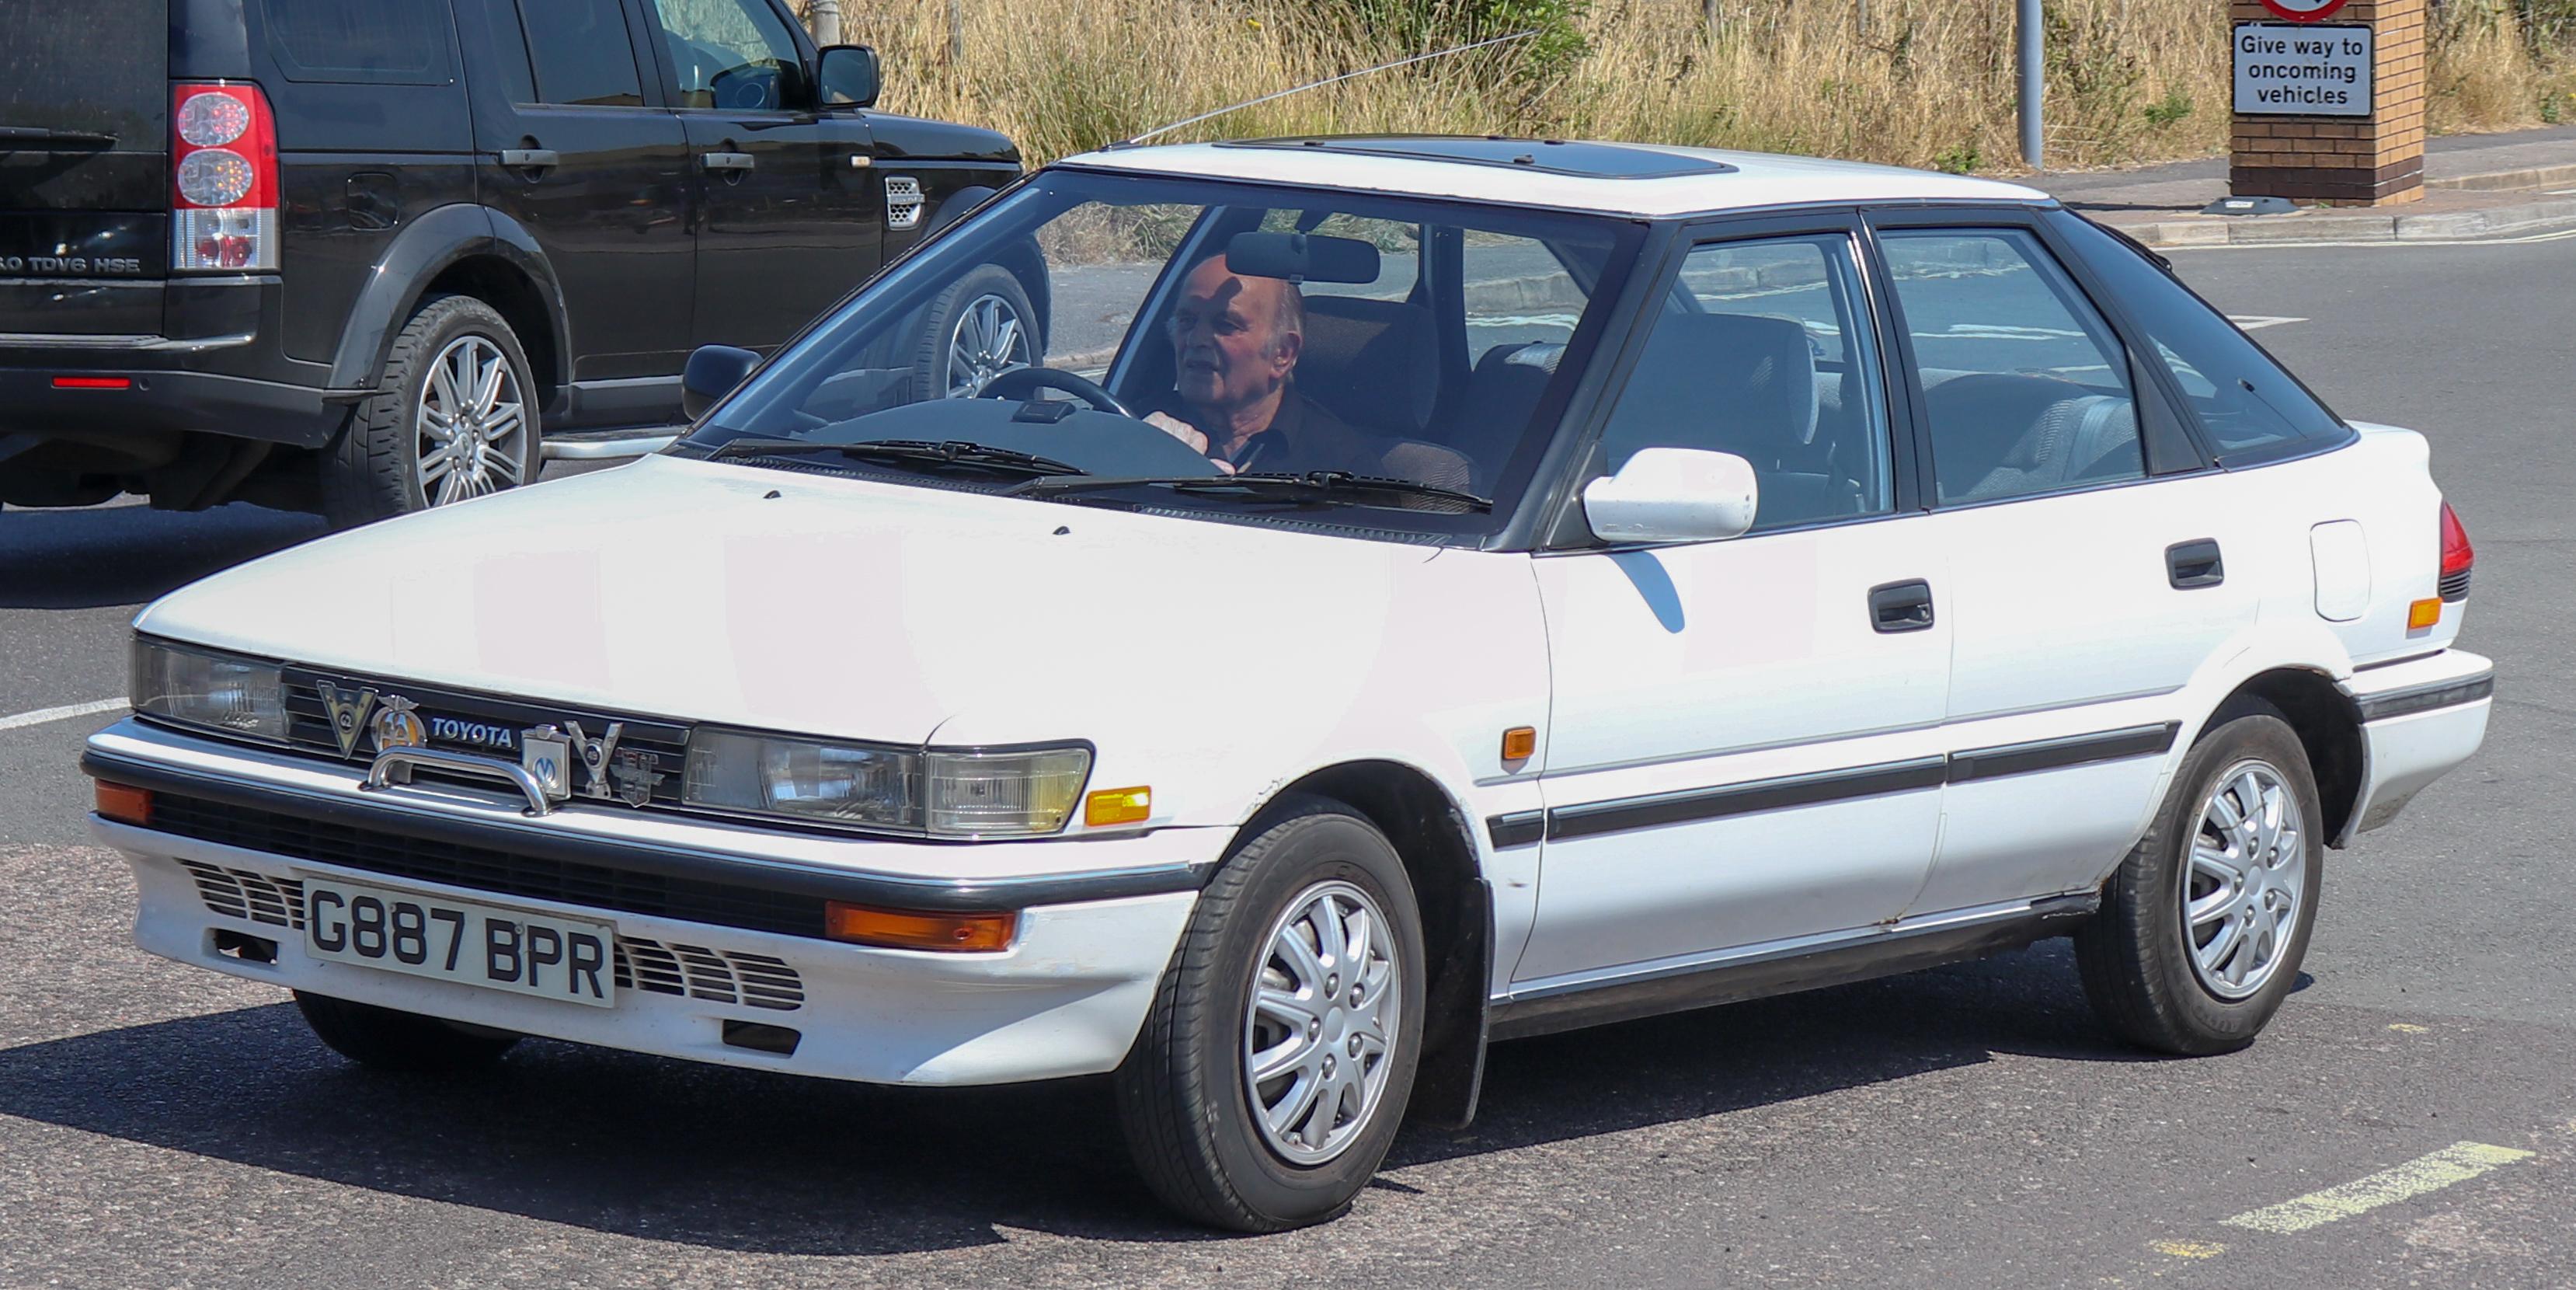 Kekurangan Toyota Corolla 1989 Top Model Tahun Ini